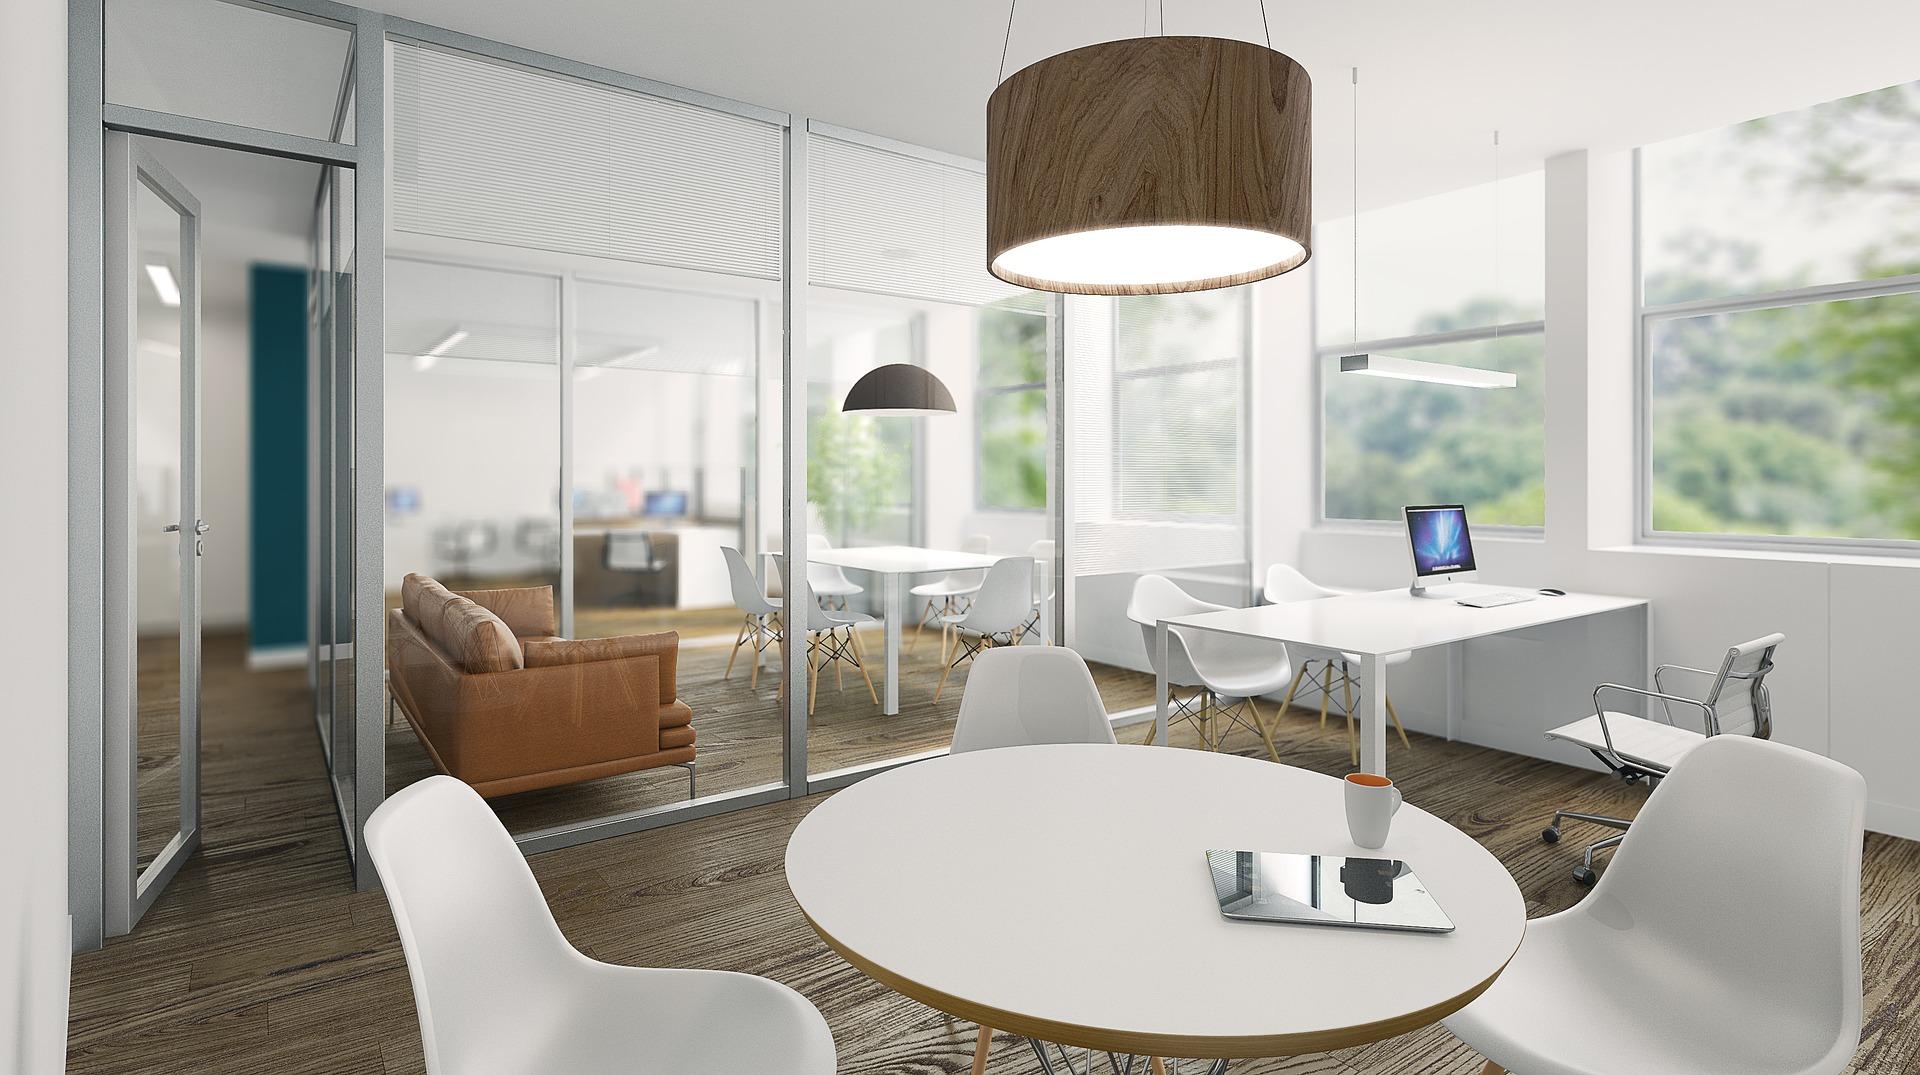 szklane elementy biura